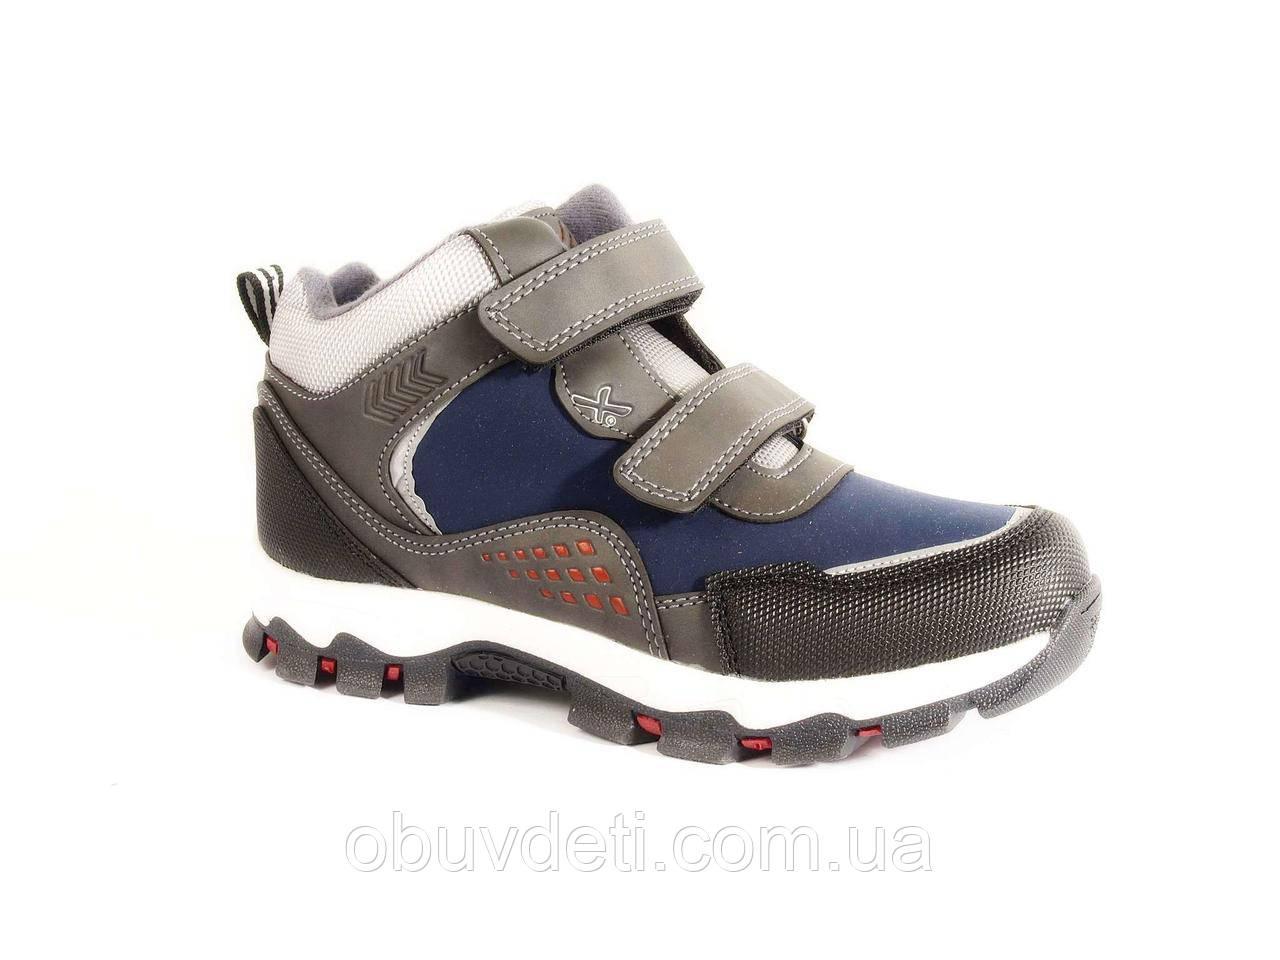 efb07ccca Деми ботинки promax для мальчиков 27 р-р - 17.5см серо-синие, цена ...